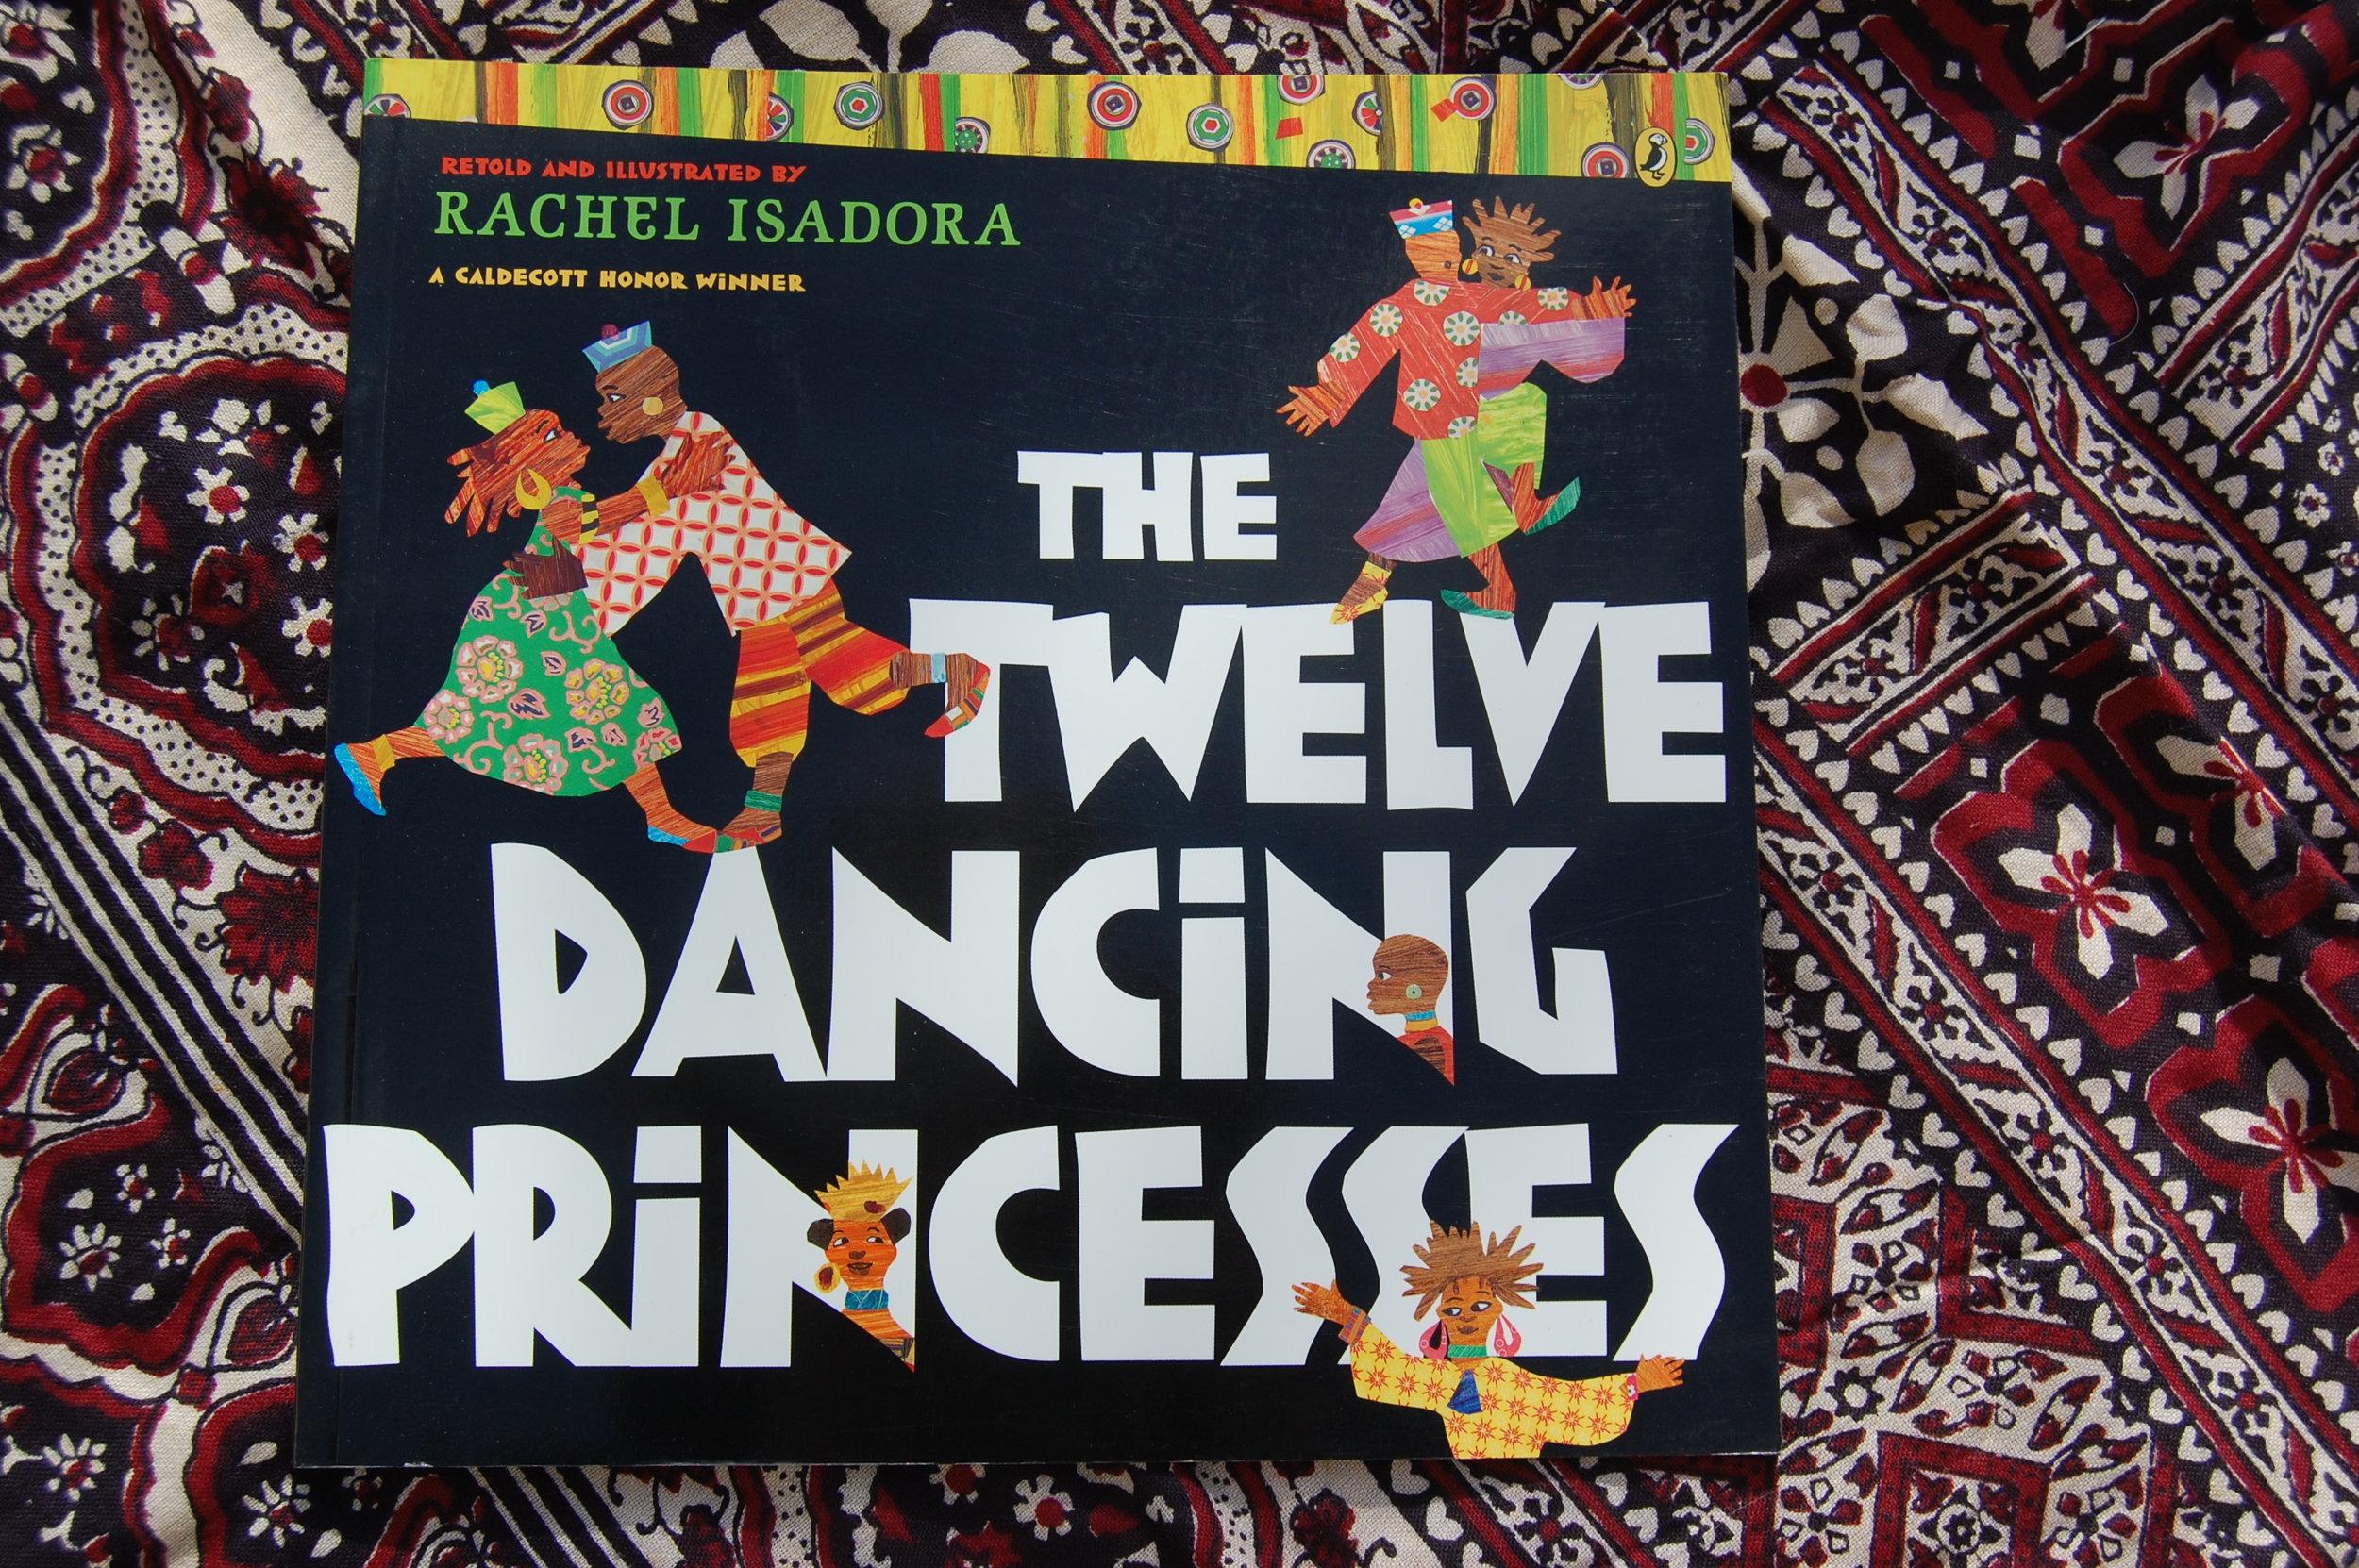 The 12 Dancing Princesses 1.JPG